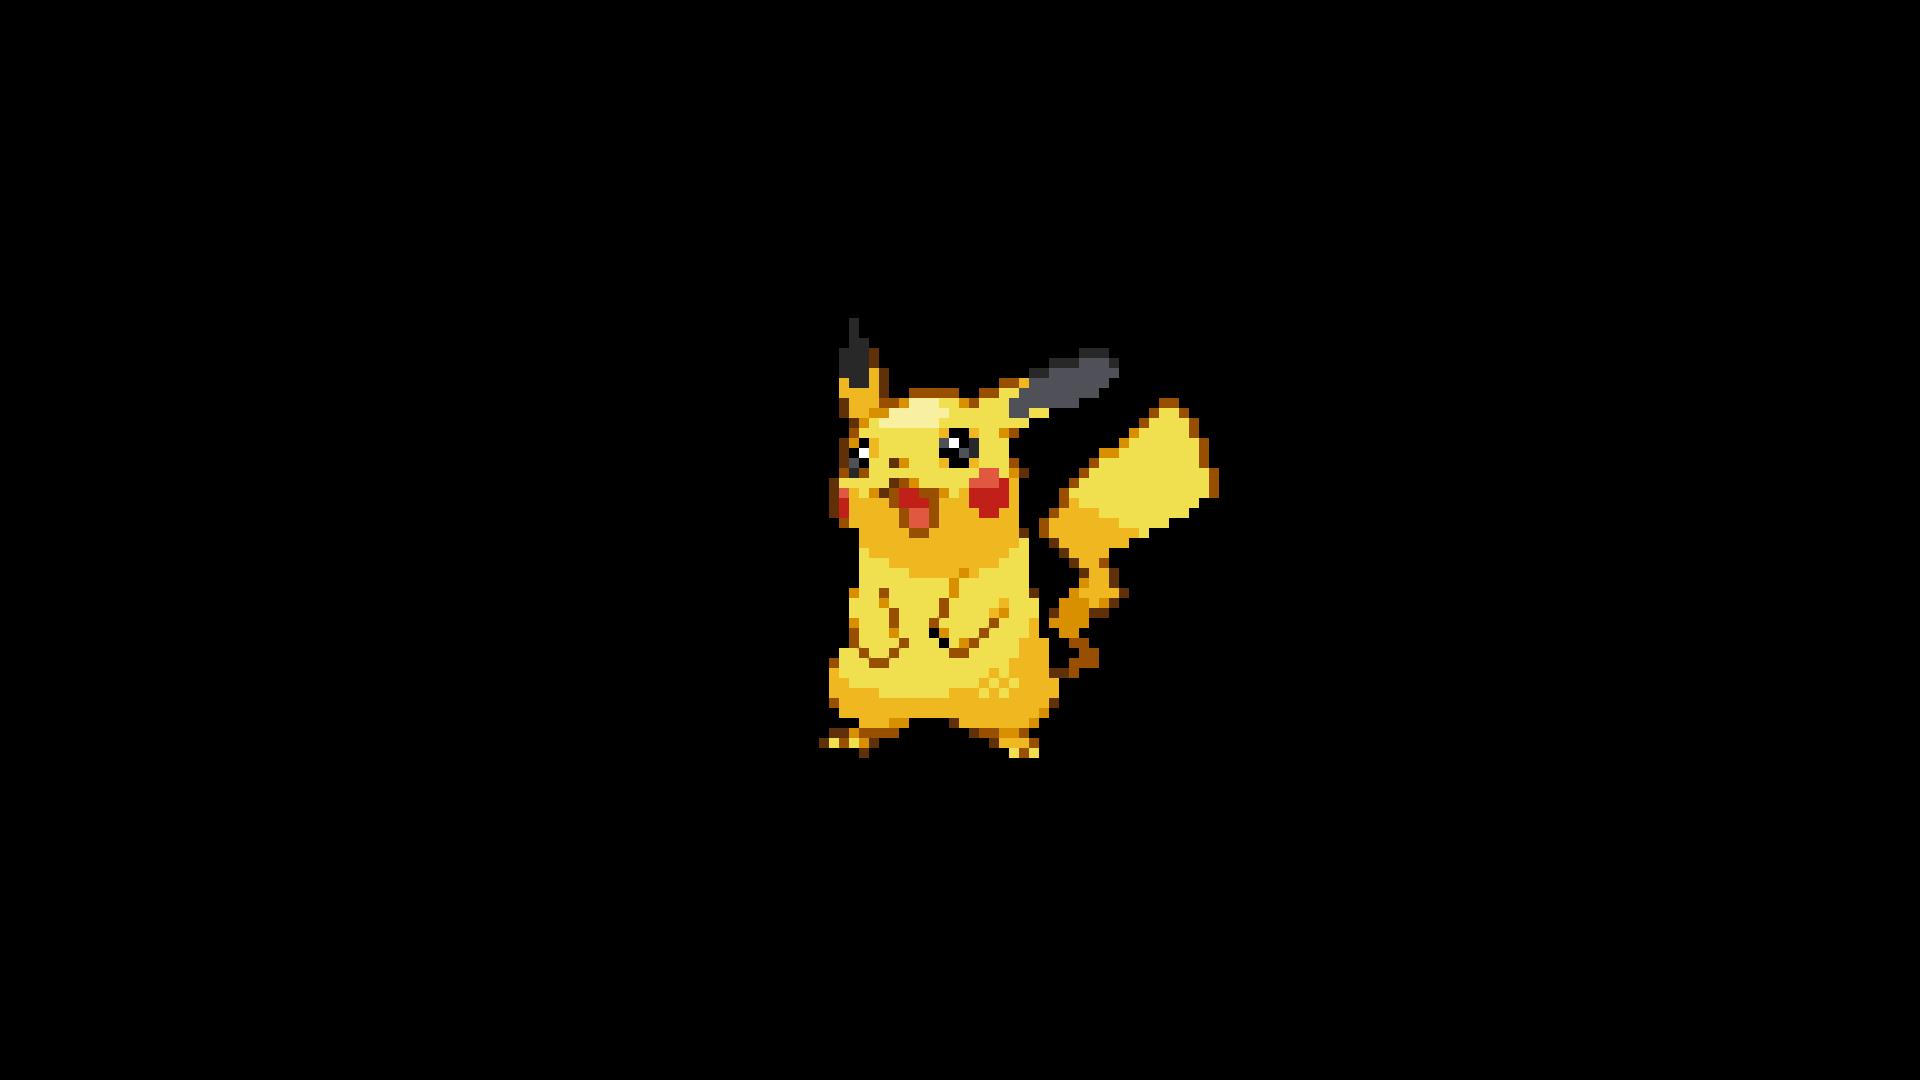 Pokemon 8 Bit Minimalism (Macbook Pro Retina)